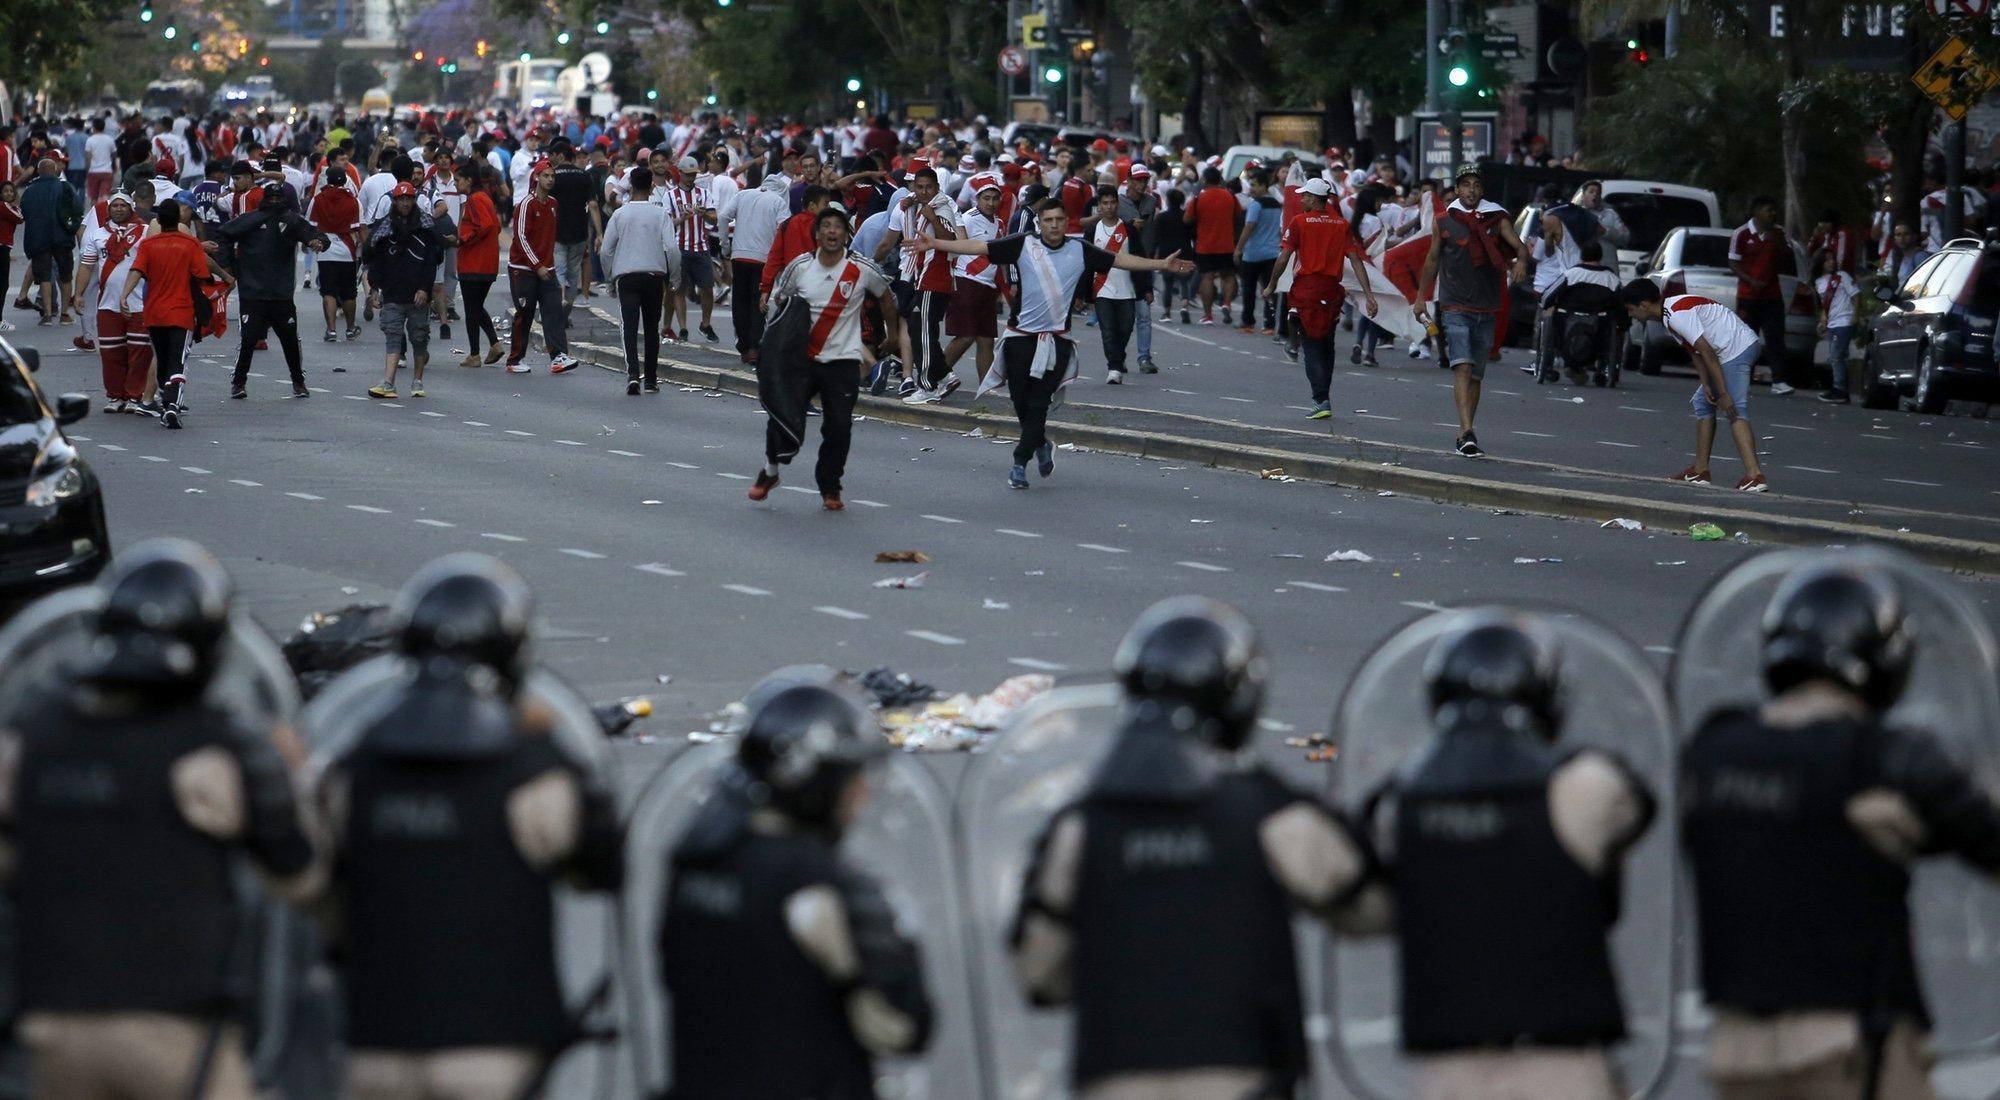 Superclásico River-Boca: de ser el partido más esperado al de la vergüenza mundial